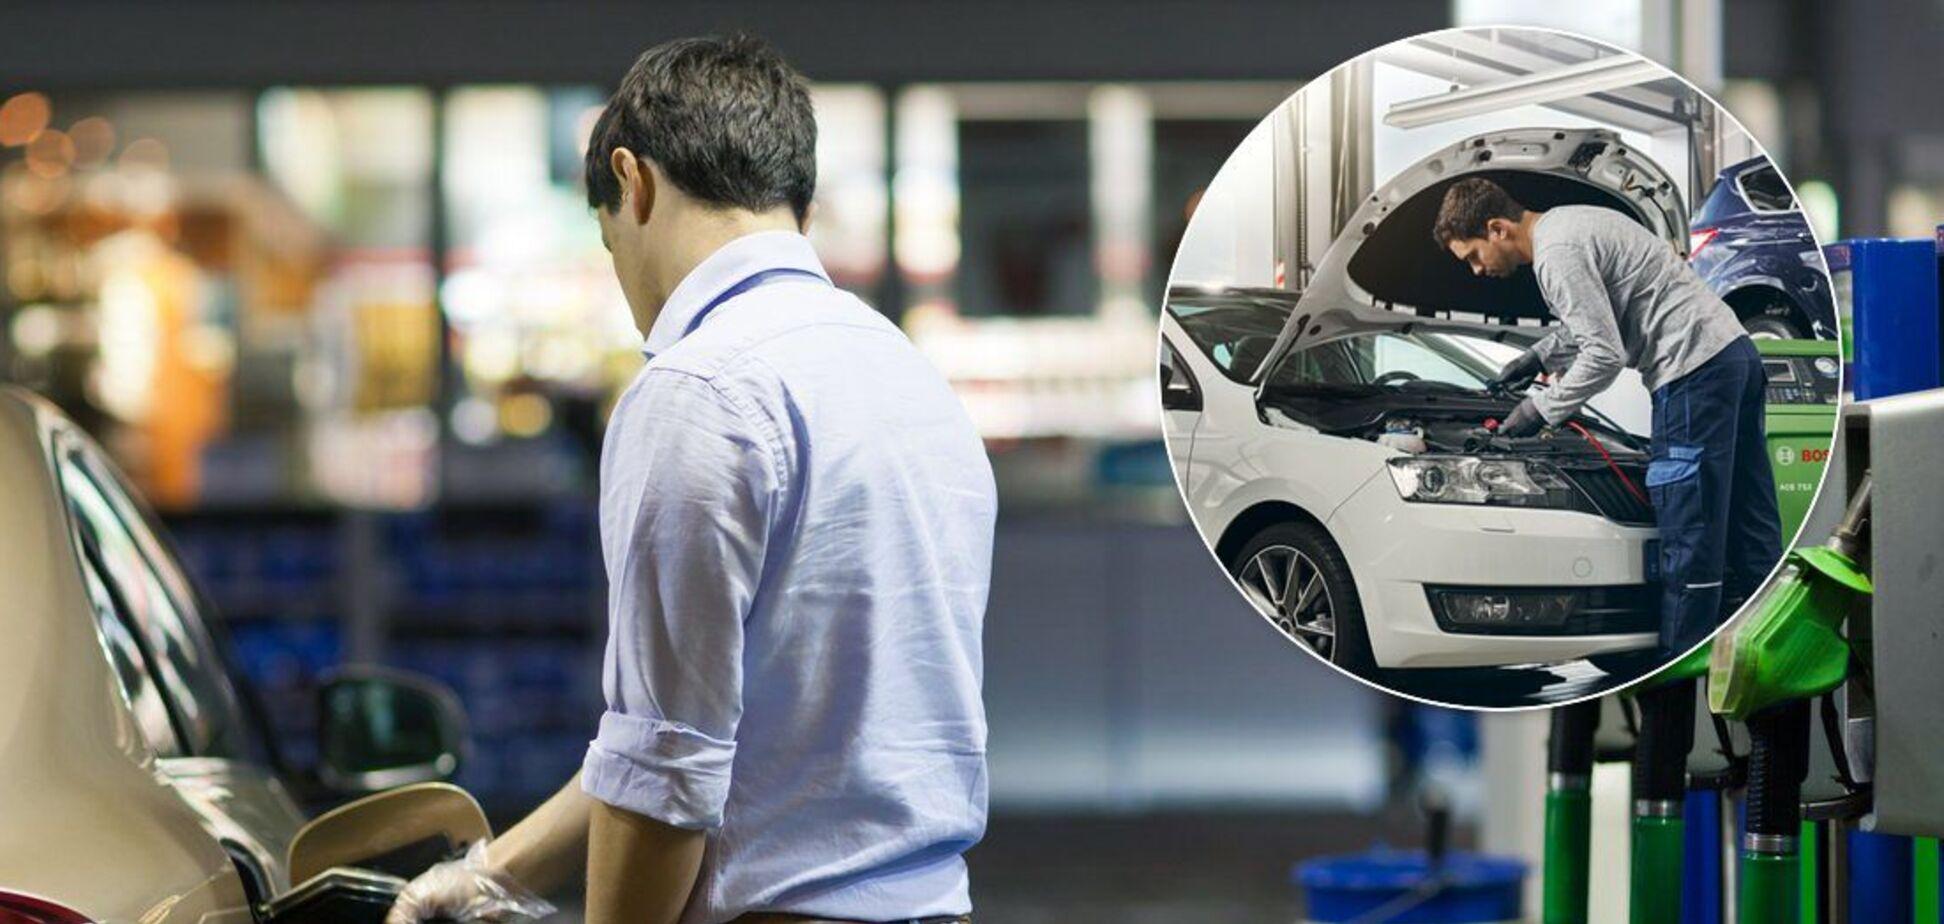 Автомобіль можна серйозно пошкодити, якщо переплутати паливо